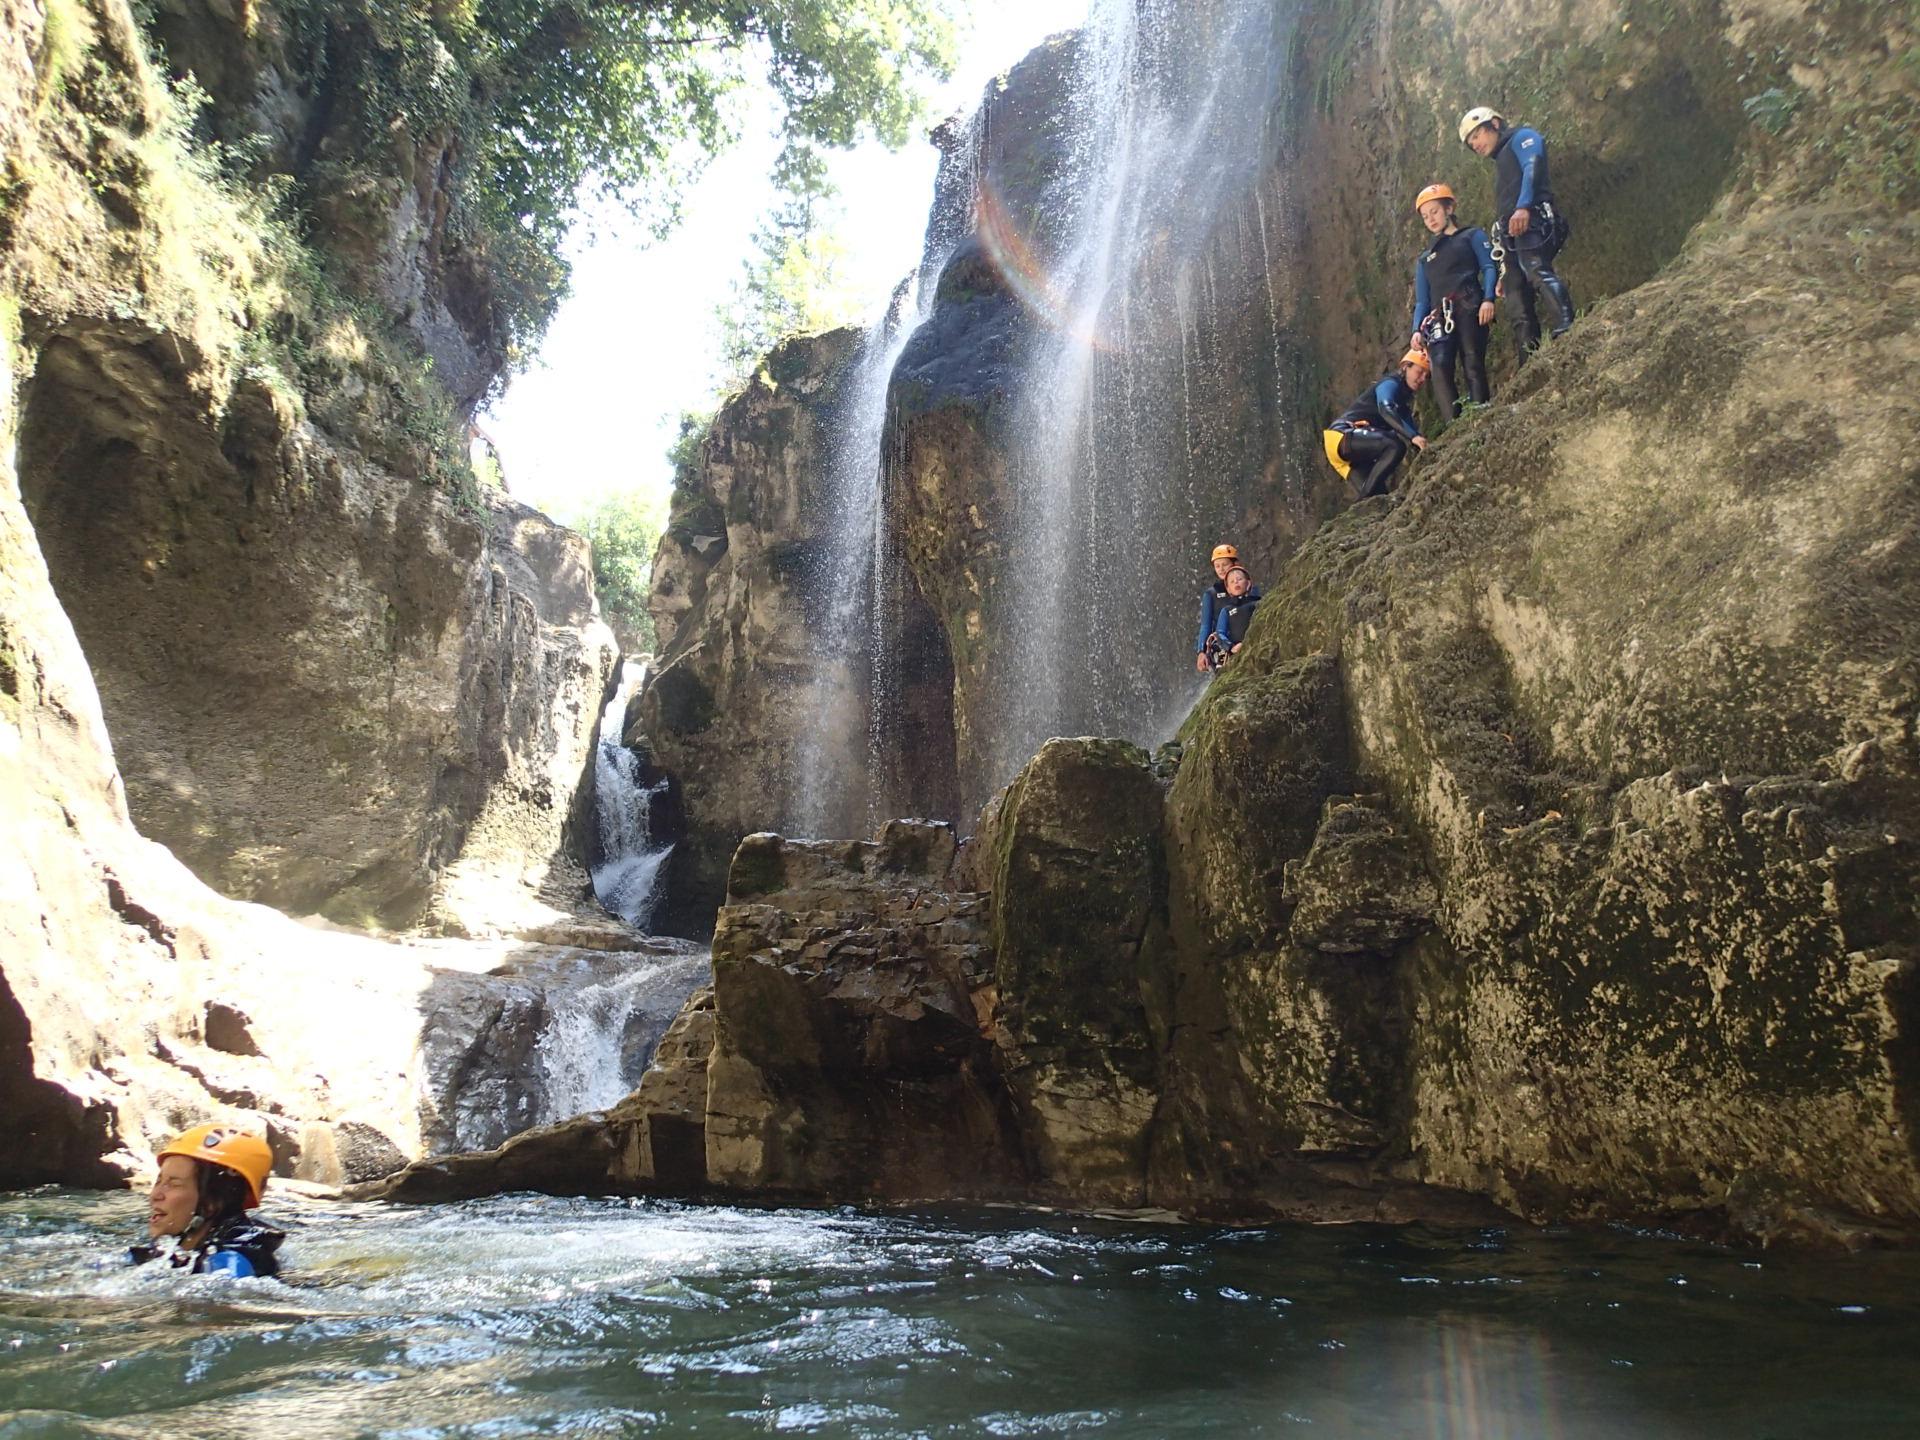 Canyoning - Activités - Sensation - Station des Rousses - Groupe - Jura